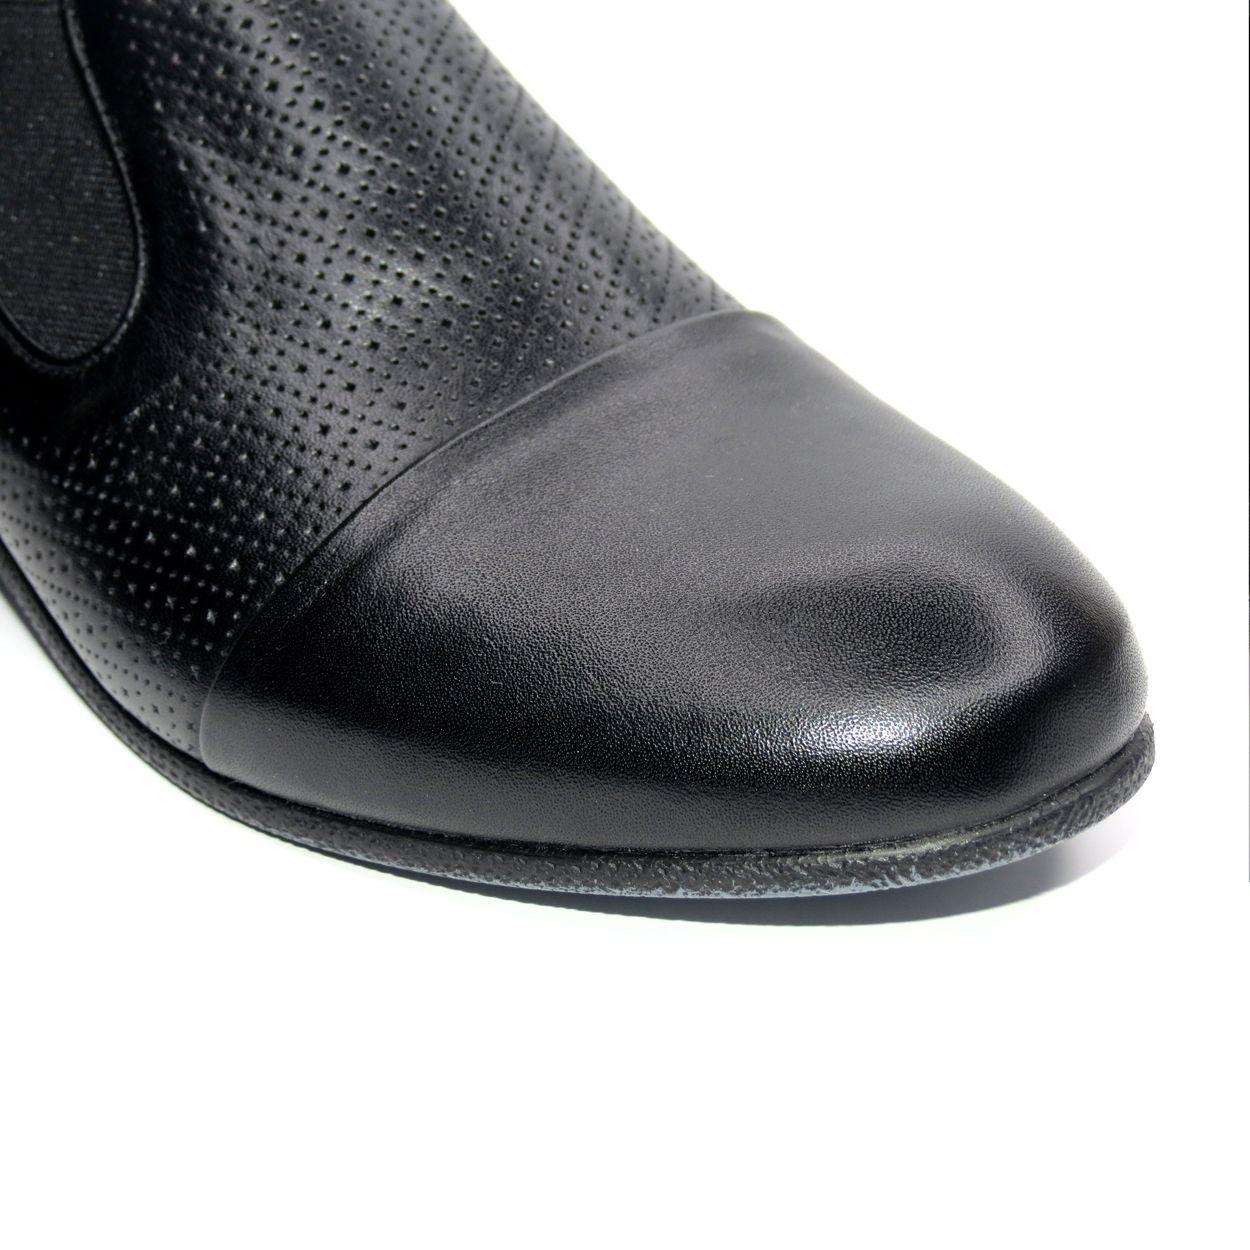 کفش زنانه آر اند دبلیو مدل 611 رنگ مشکی -  - 8